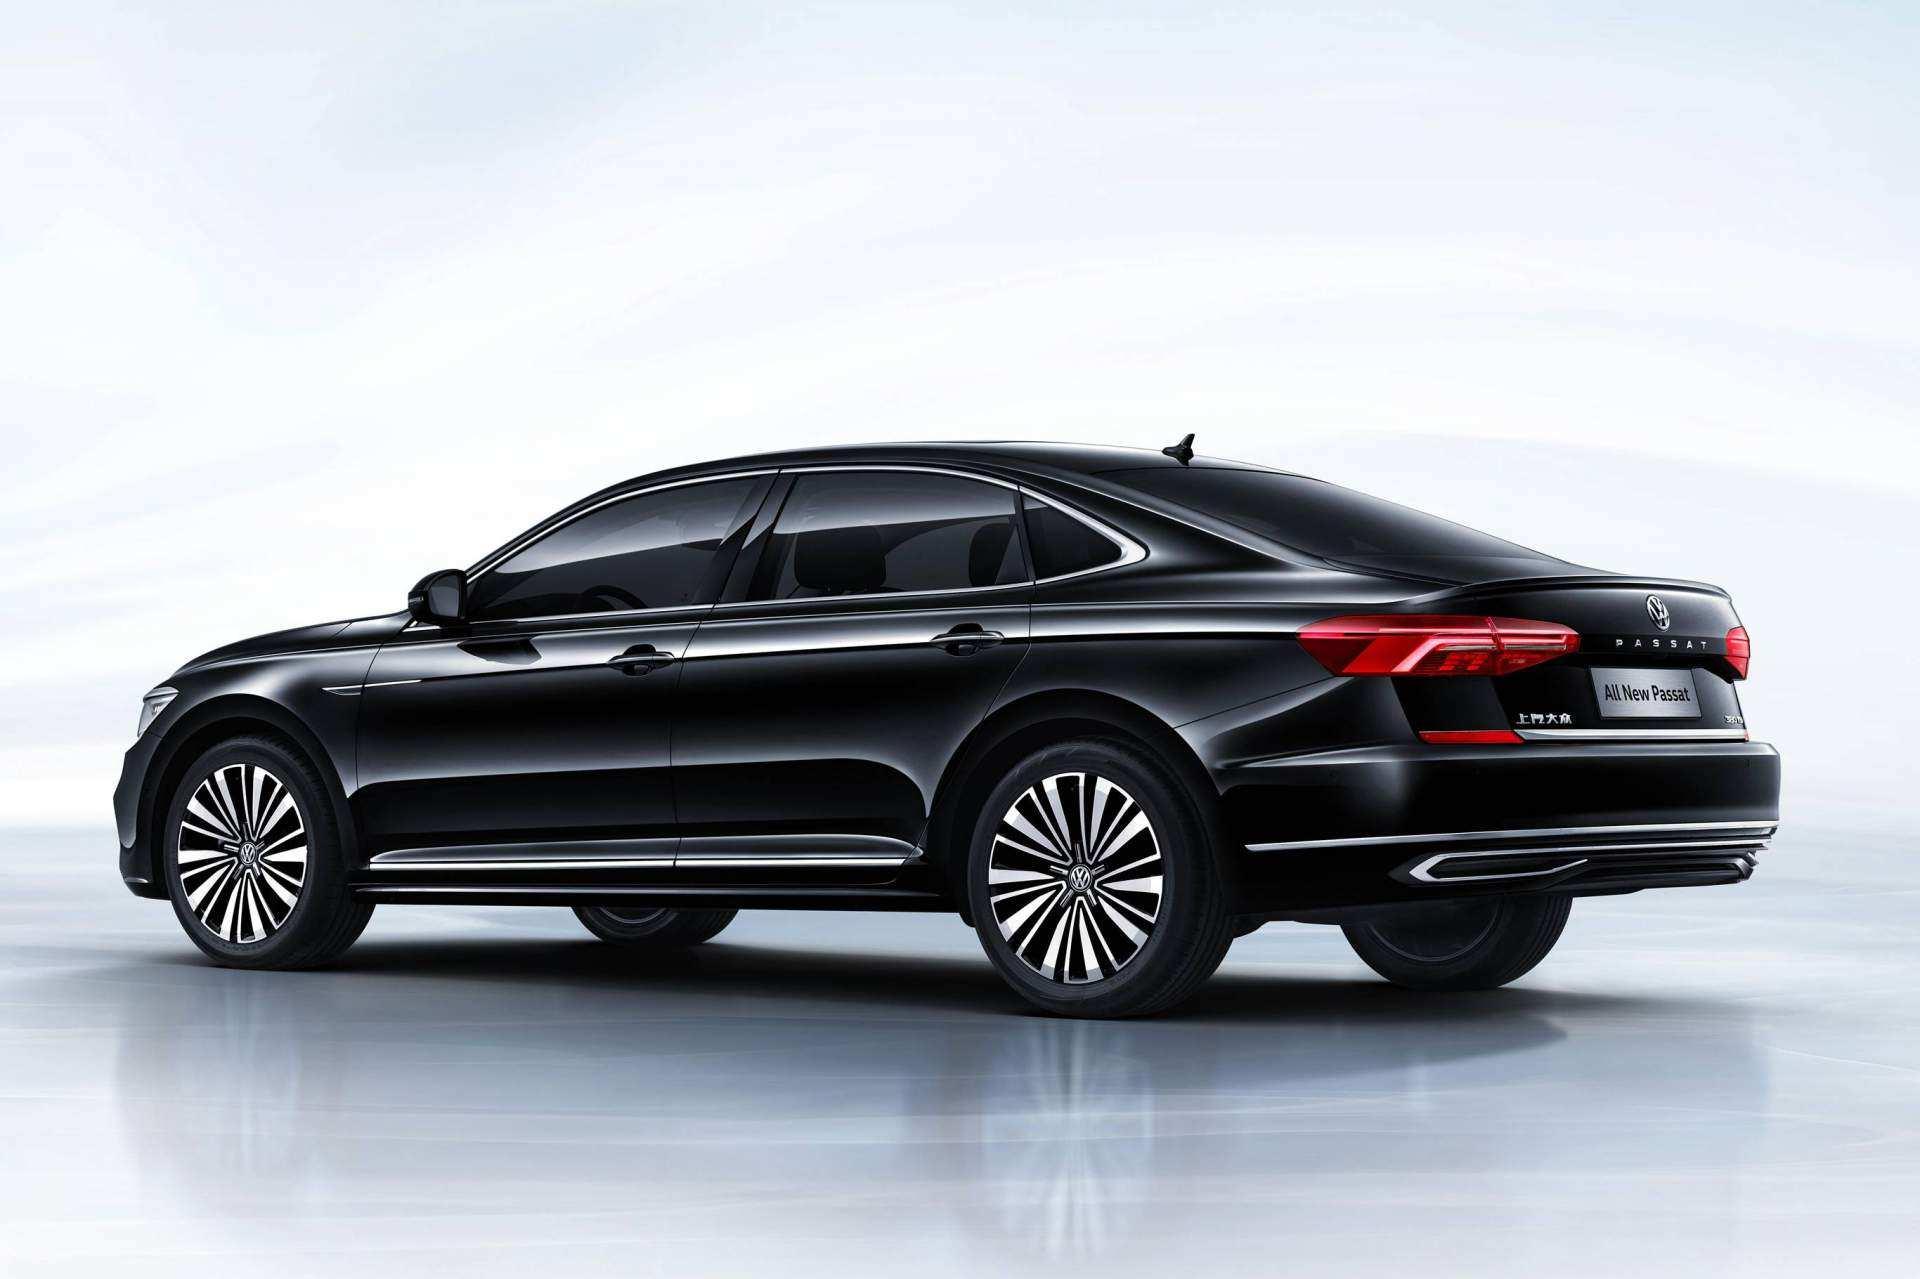 21 New 2019 Volkswagen Passat Specs Concept by 2019 Volkswagen Passat Specs